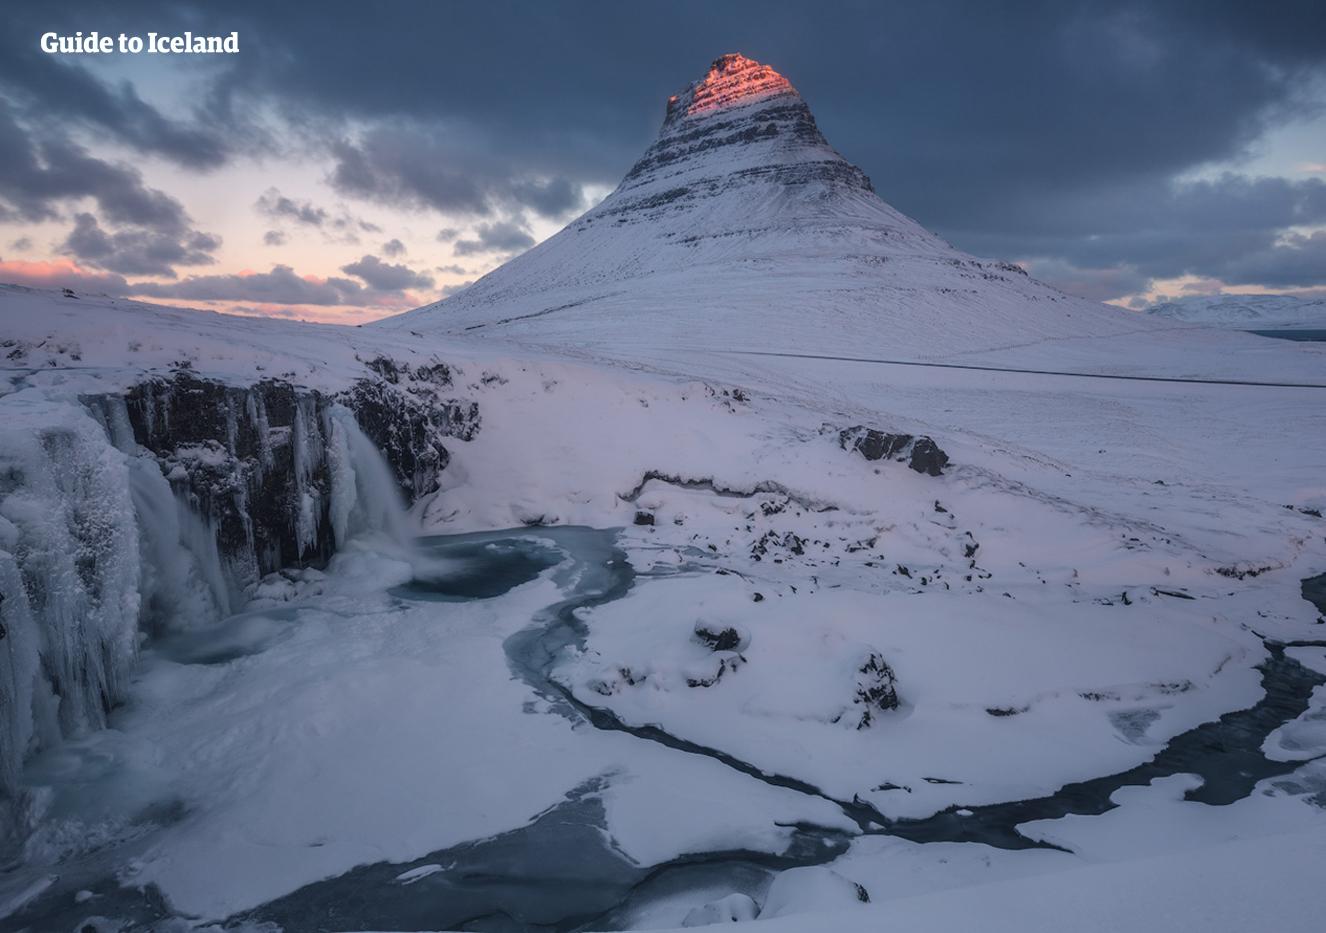 På Snæfellsneshalvön på Island ligger Kirkjufellbergen, som här är fotograferade vintertid.